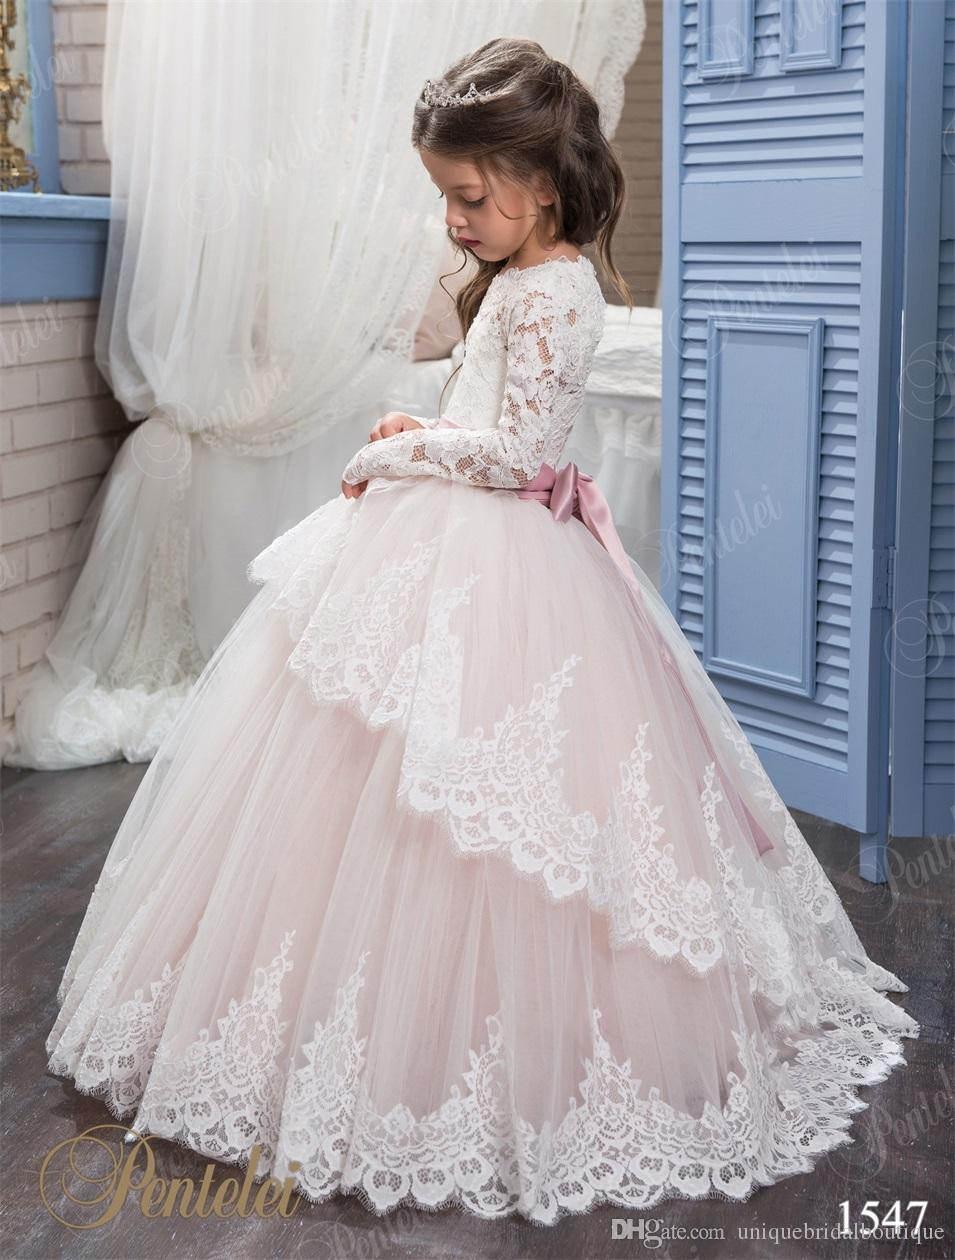 Barato vestidos das meninas de flor pentelei com mangas compridas e rendas até voltar apliques de tule pequena princesa vestidos de aniversário vestido de comunhão